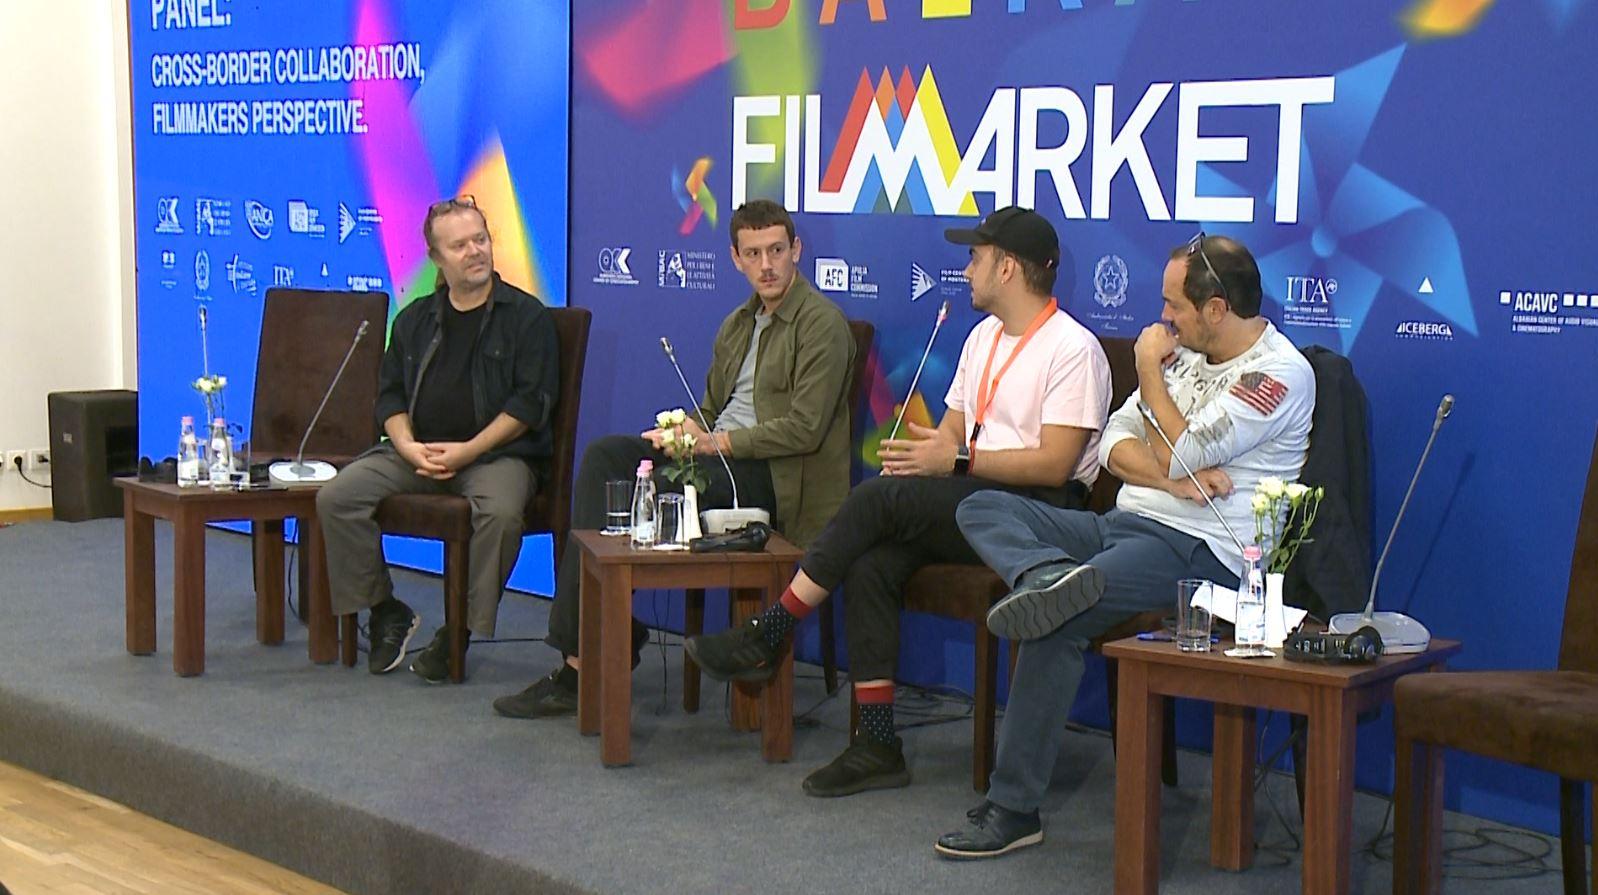 Rekord i kinemasë shqipfolëse, përfaqësohet në të gjithë festivalet ndërkombëtare